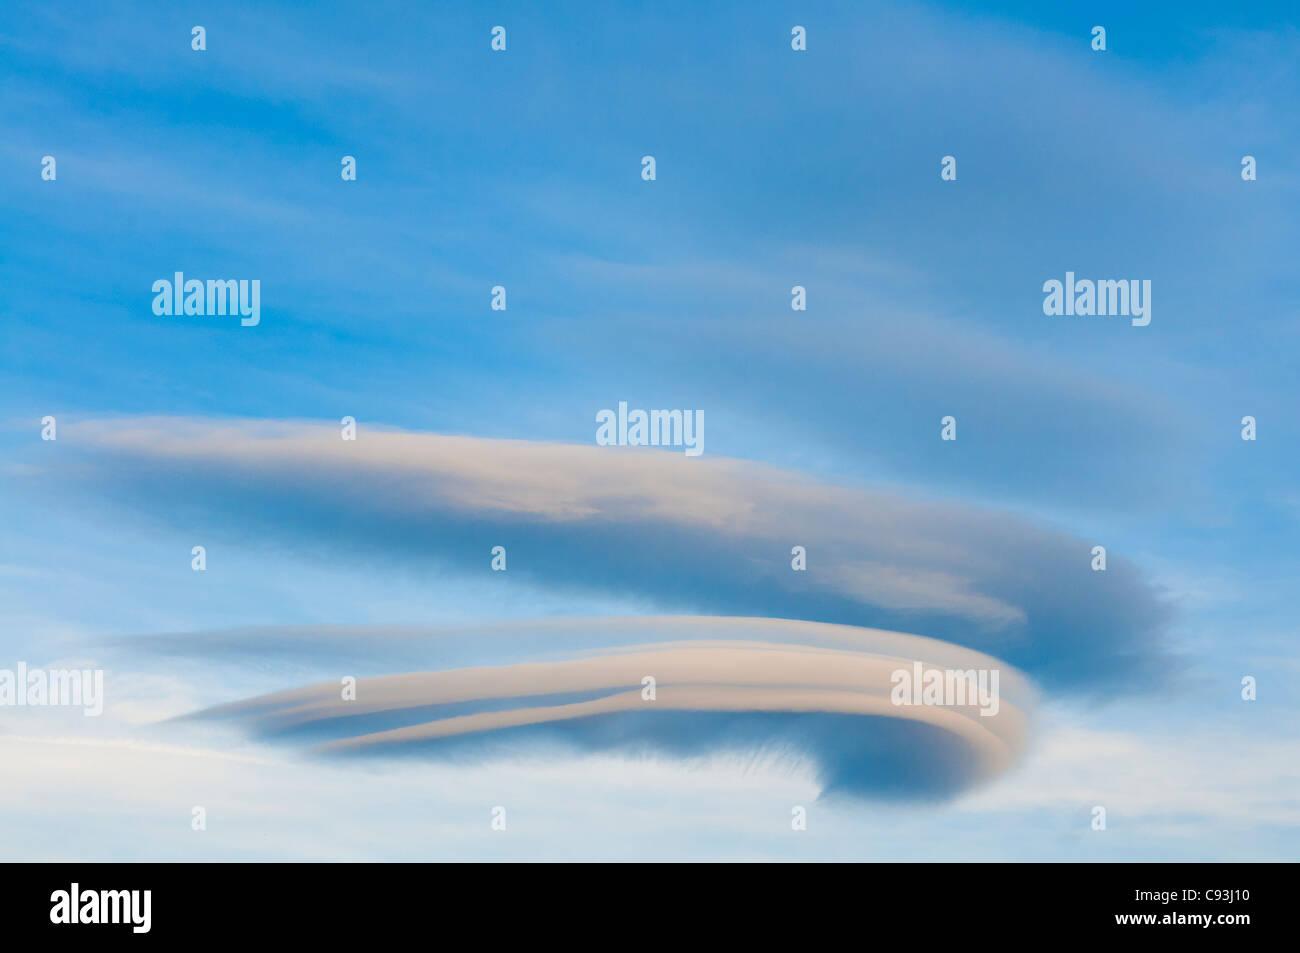 Nuages lenticulaires dans ciel. Photo Stock